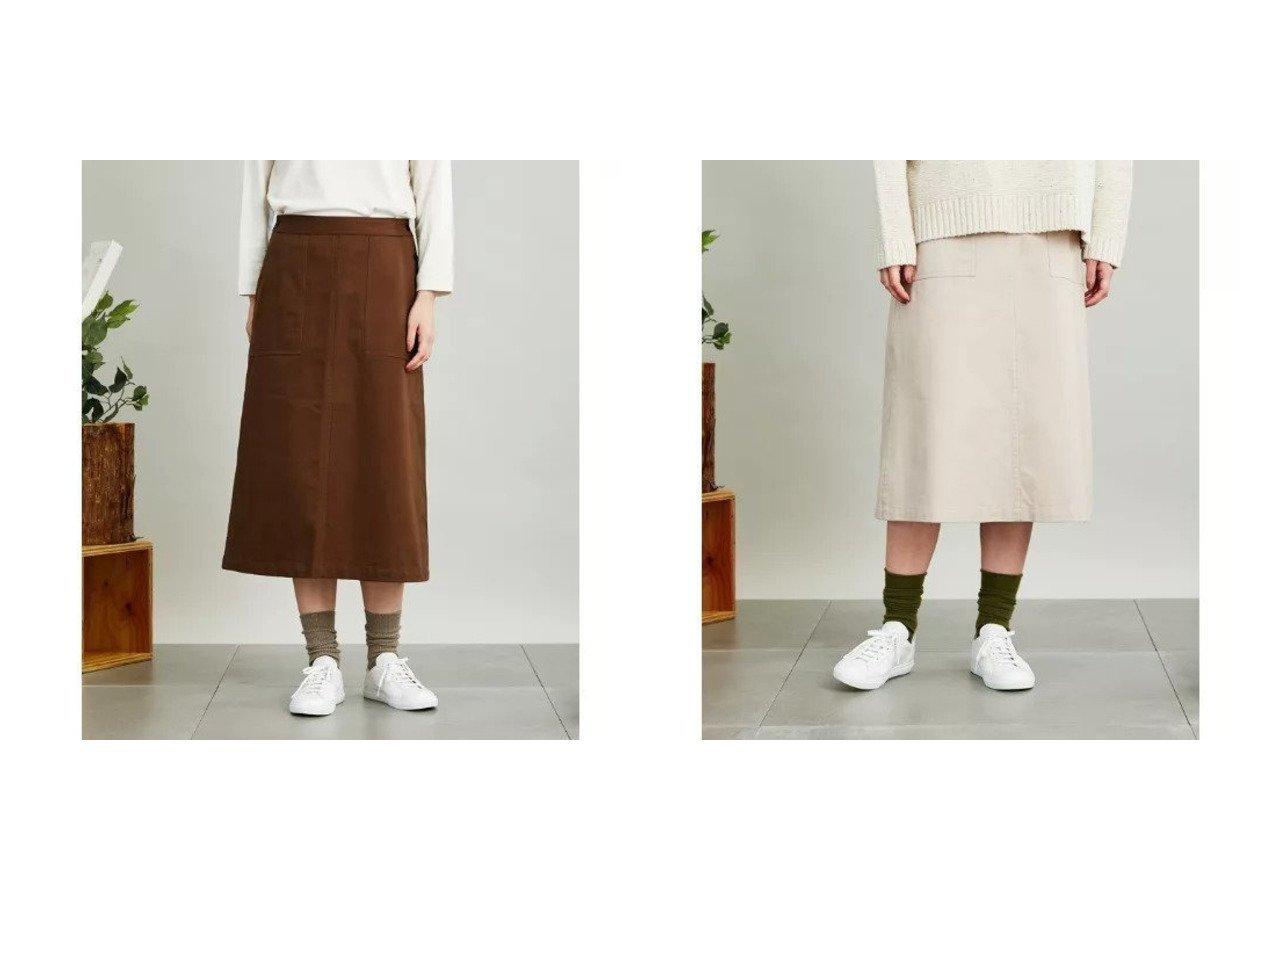 【SIPULI/シプリ】のOrganic Cotton Drill ミドル丈スカート 【スカート】おすすめ!人気、トレンド・レディースファッションの通販 おすすめで人気の流行・トレンド、ファッションの通販商品 インテリア・家具・メンズファッション・キッズファッション・レディースファッション・服の通販 founy(ファニー) https://founy.com/ ファッション Fashion レディースファッション WOMEN スカート Skirt クロップド マキシ ミドル ミリタリー ロング A/W・秋冬 AW・Autumn/Winter・FW・Fall-Winter |ID:crp329100000071376